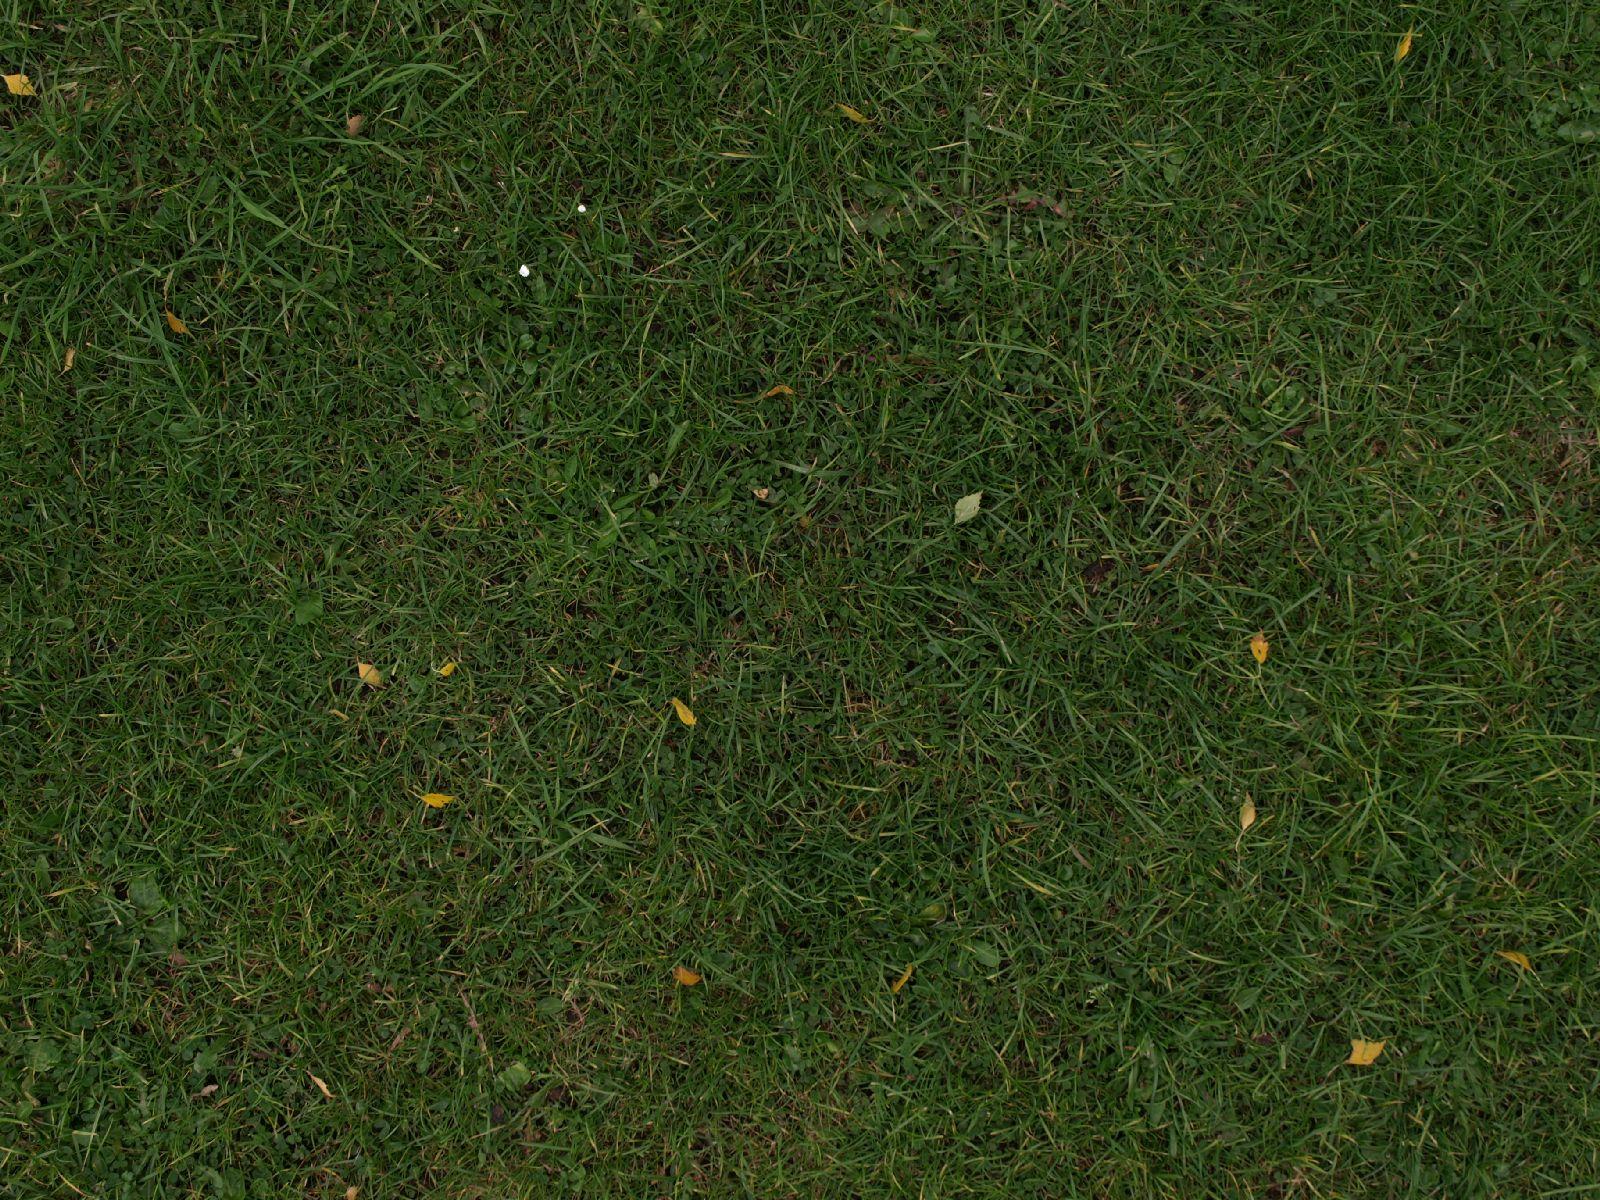 Boden-Gras-Moos-Blumen_Textur_A_PA045711